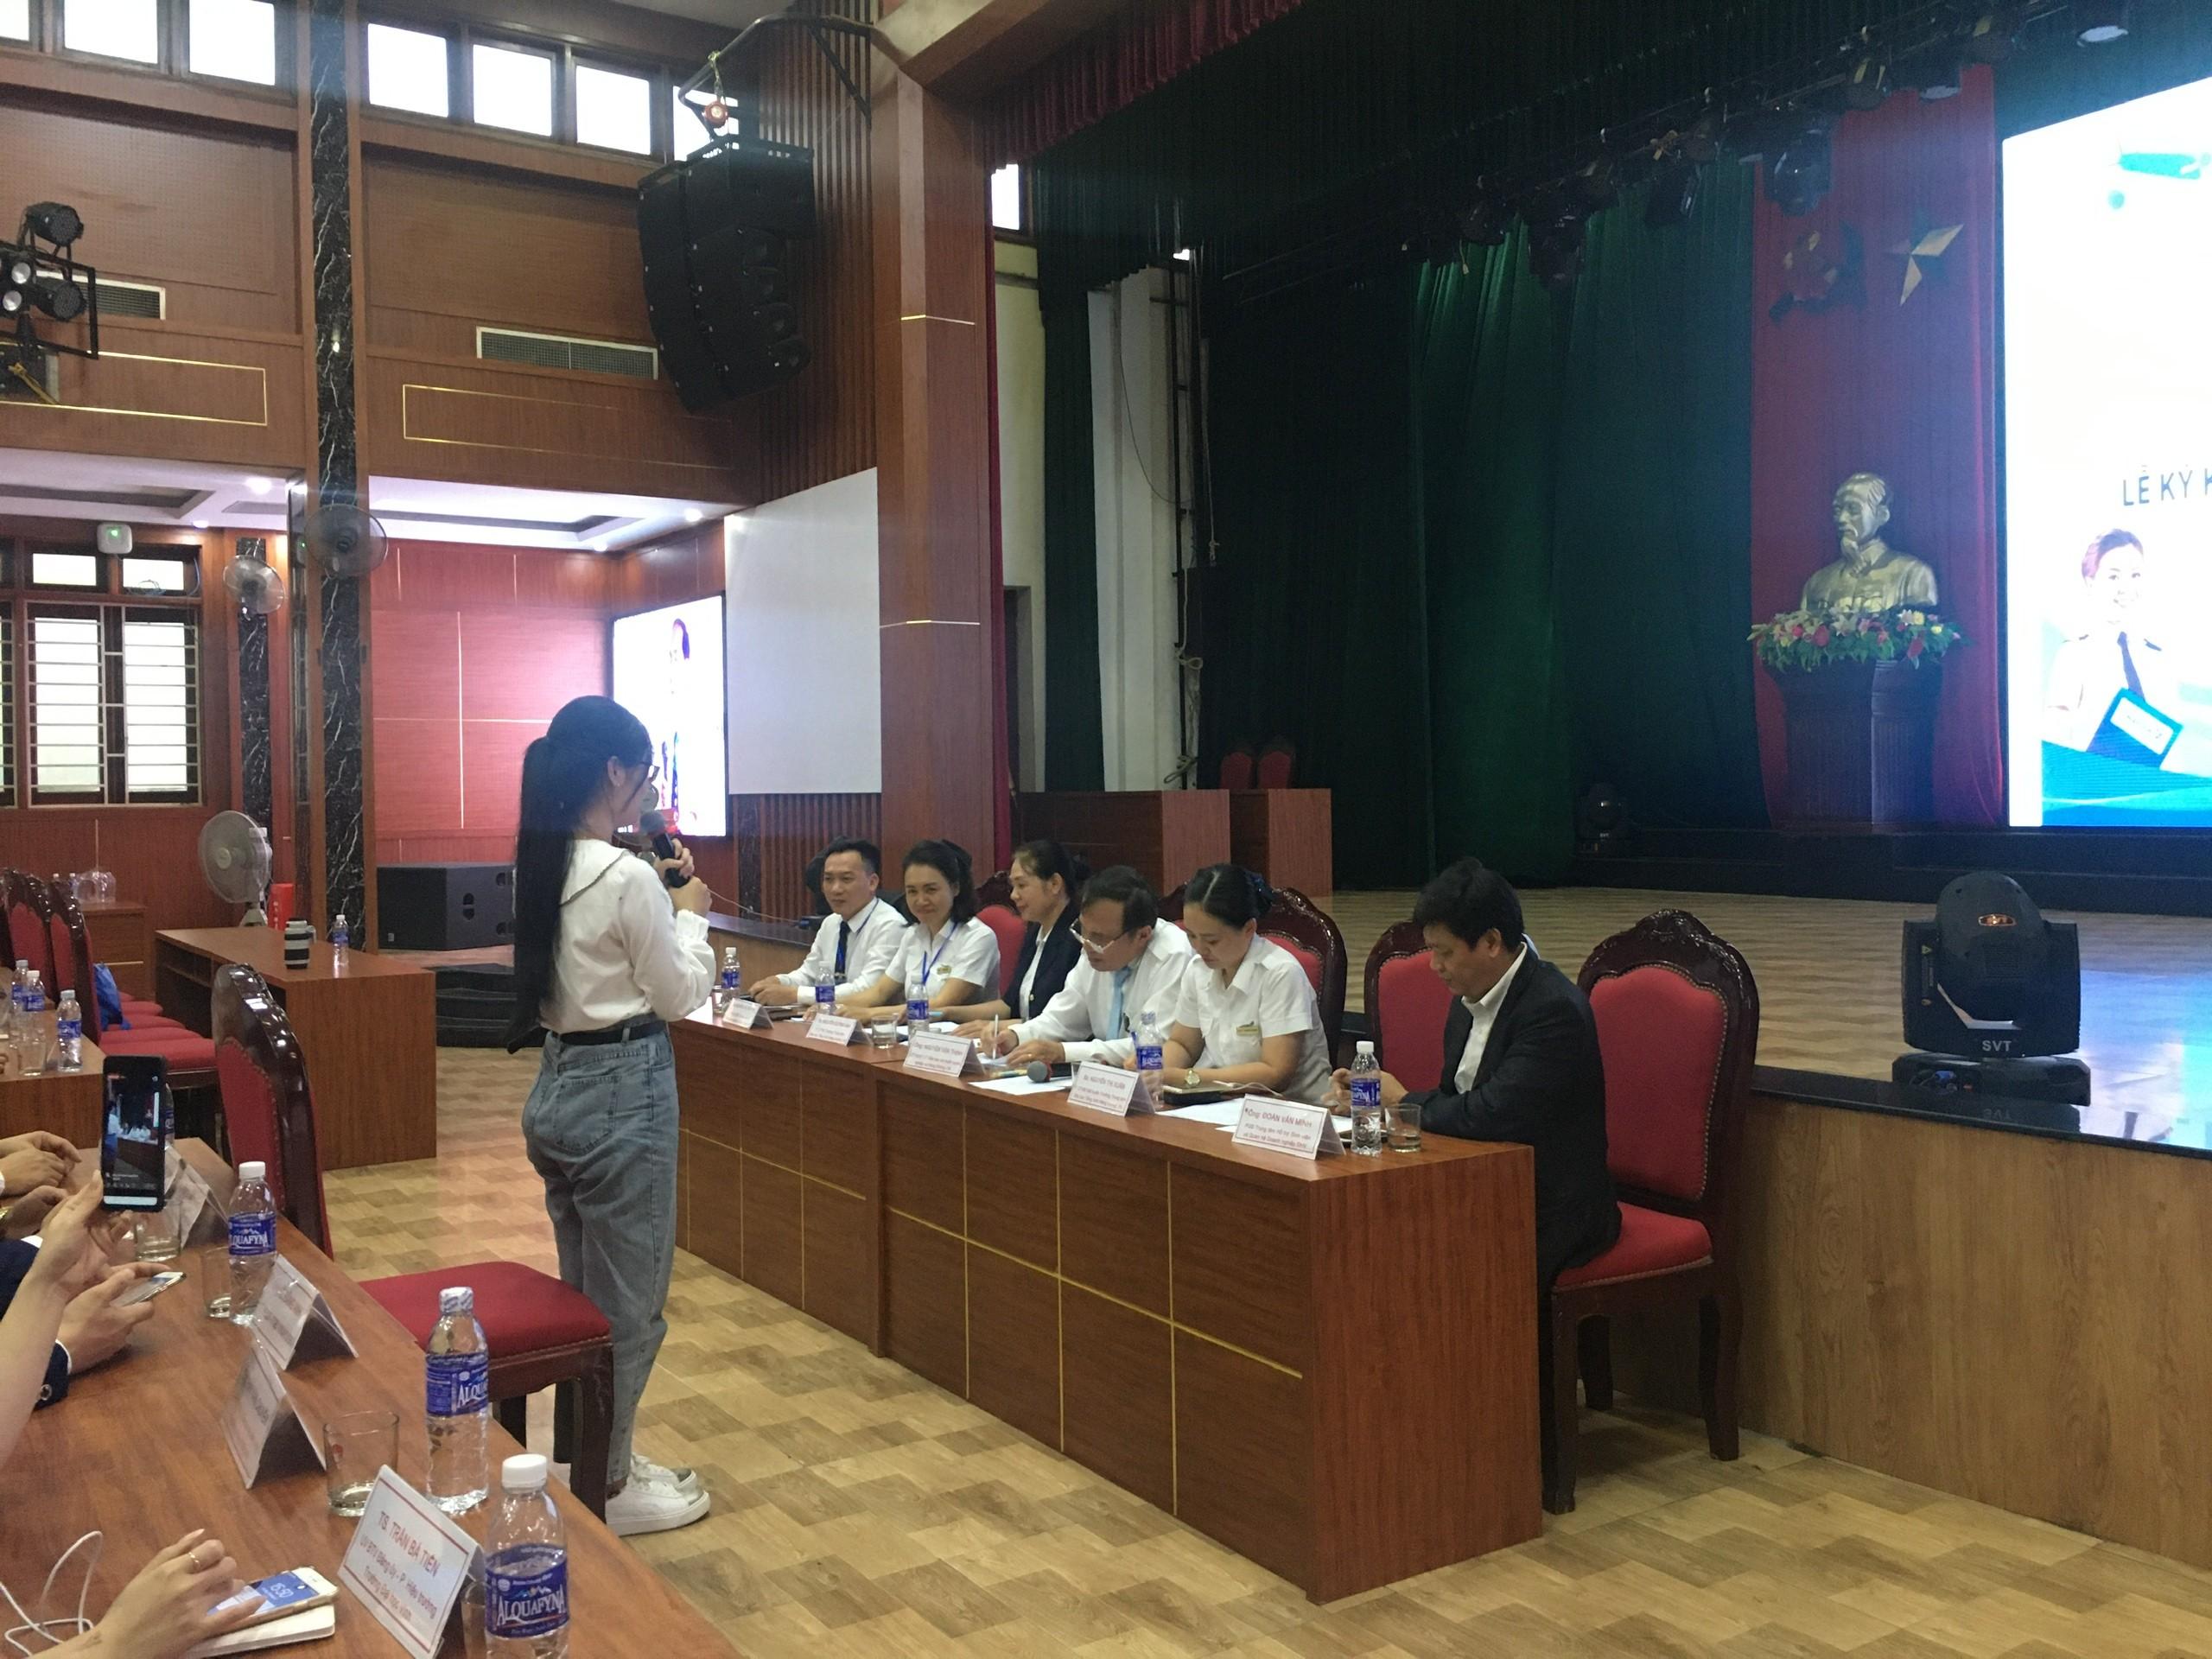 TTọa đàm và phỏng vấn tuyển sinh tại Đại học Vinh - thành công ngoài mong đợi